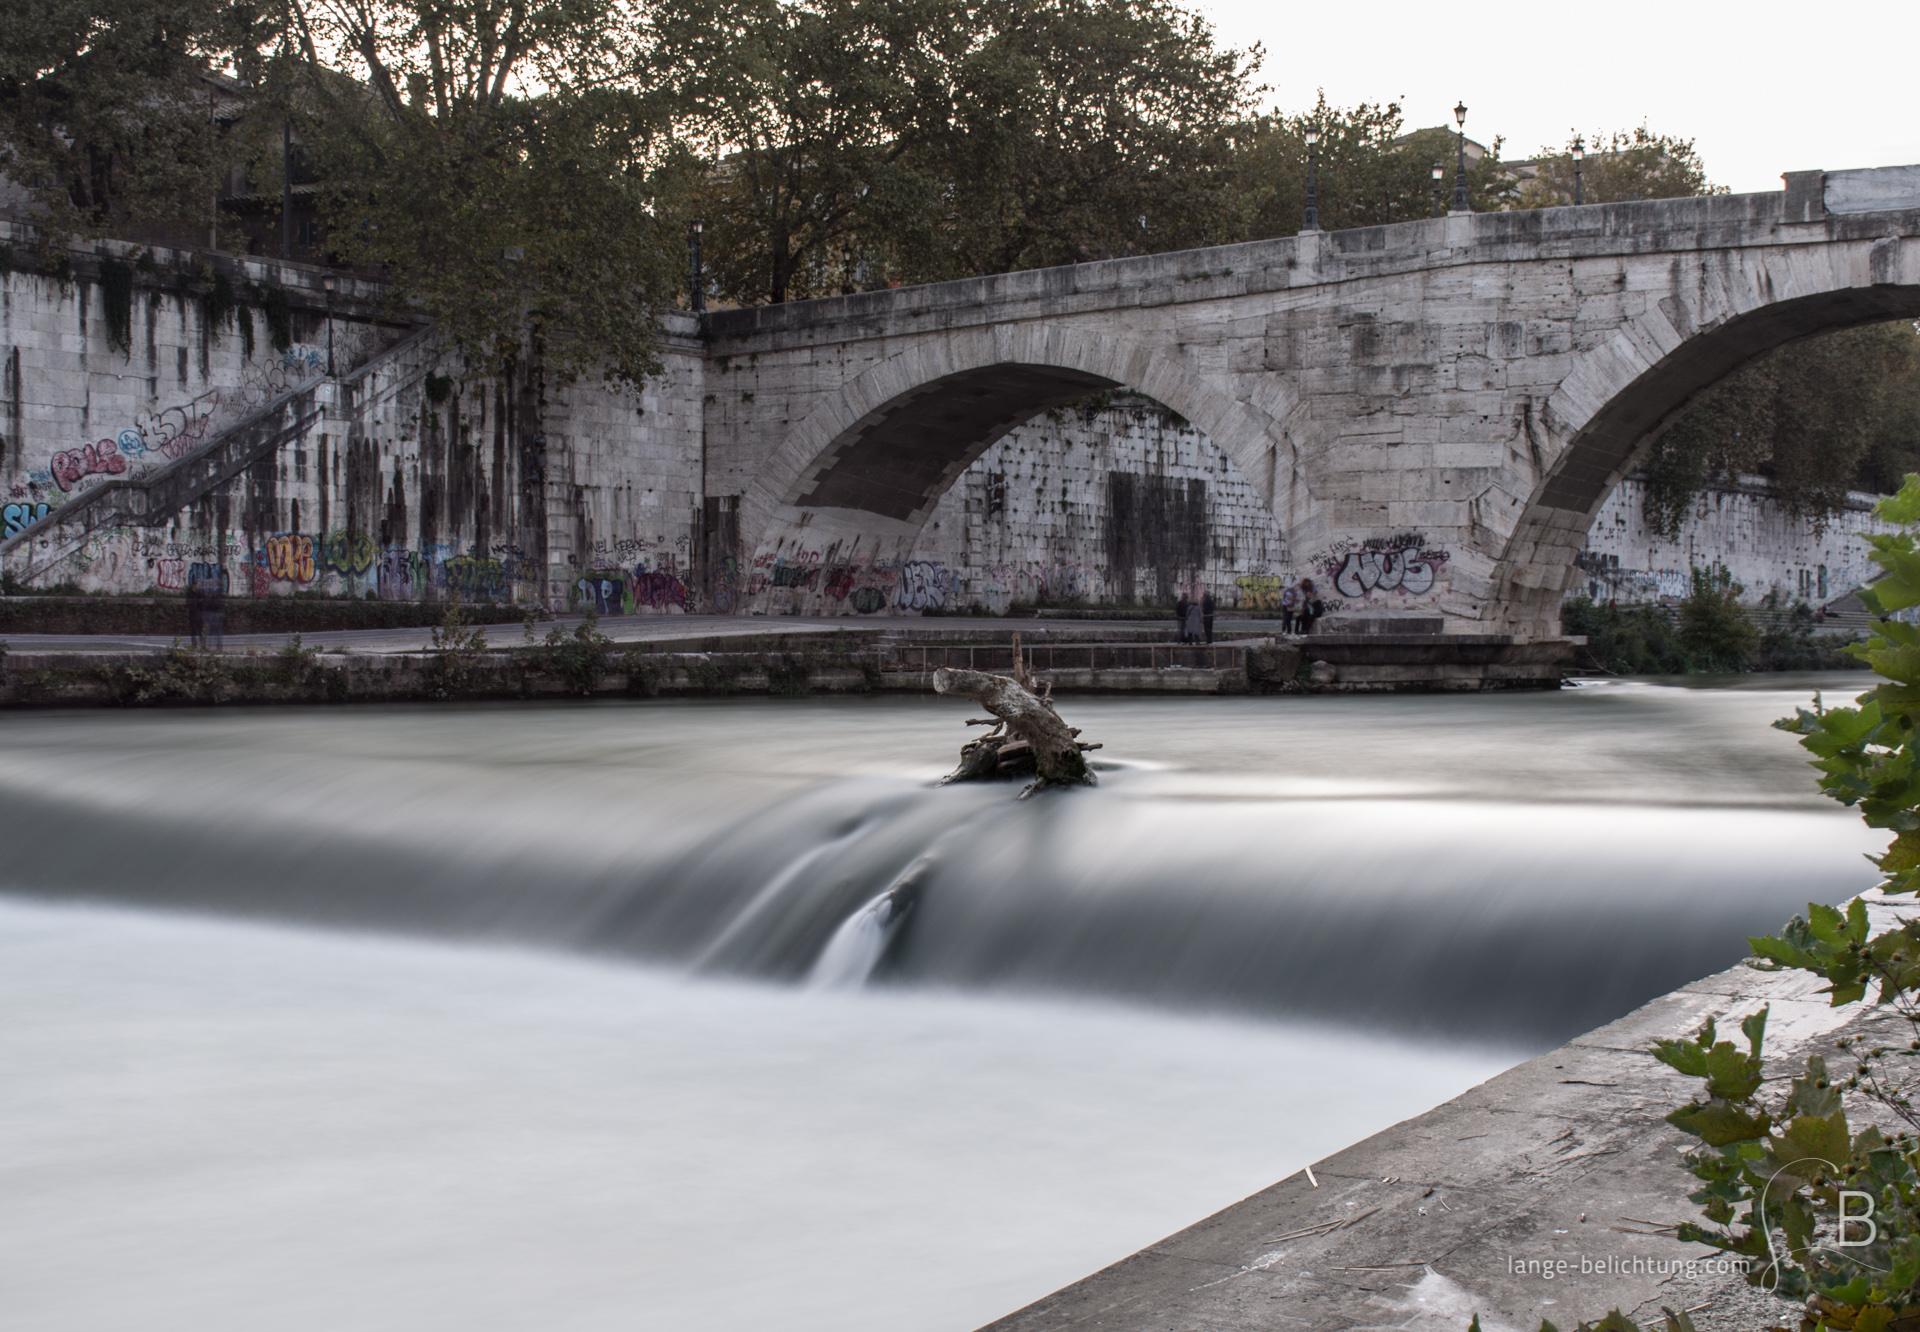 Eine Brücke, die übersäht ist mit Graffiti, führt über den Fluss Tiber zur Tiberinsel. Im Vordergrund ein kleines Wehr, dass das Wasser schneller fließen lässt. Kurz vor dem Wehr steckt ein Baumstamm